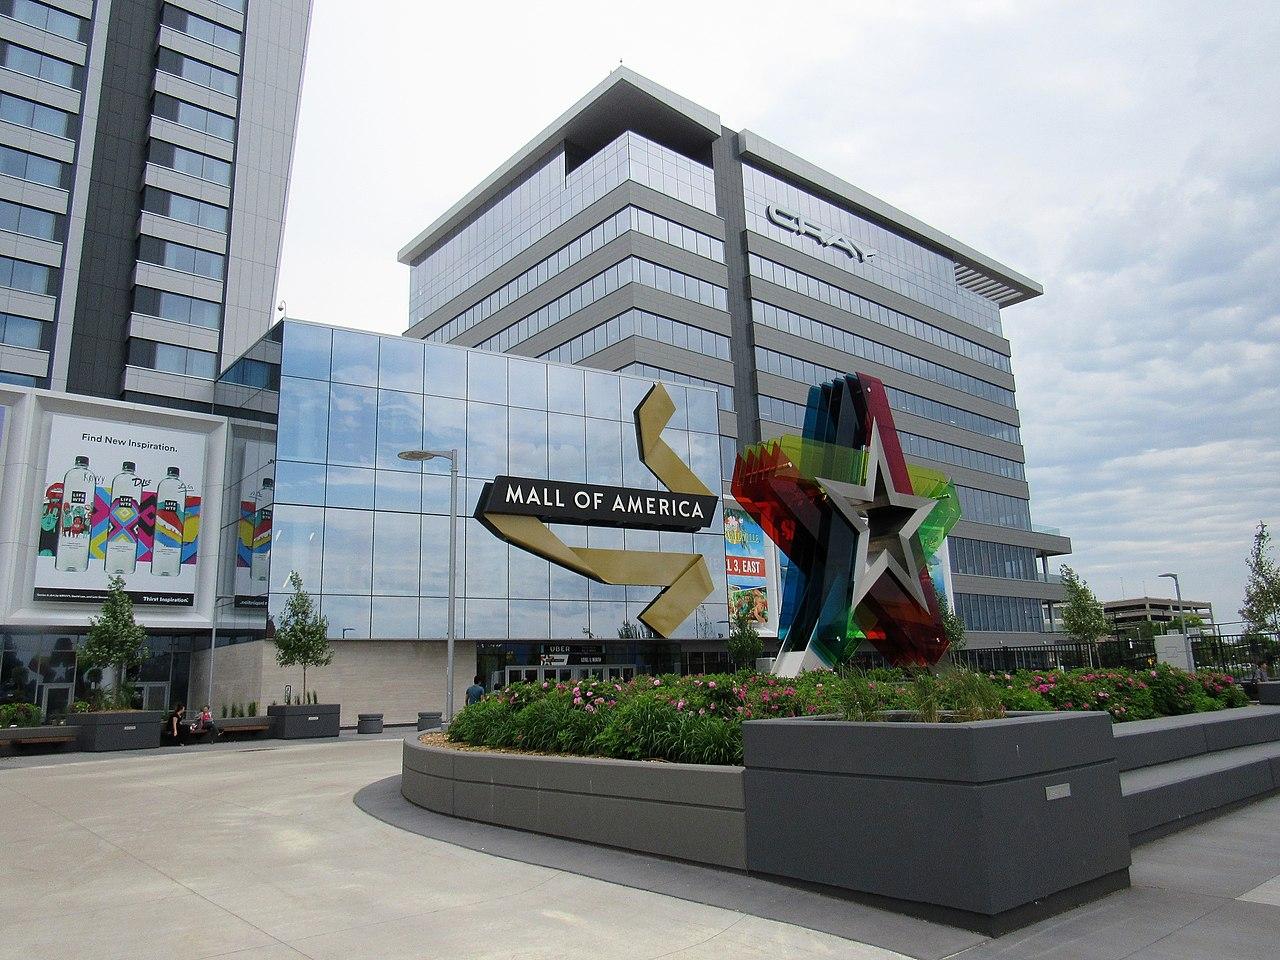 Centro comercial Mall of América